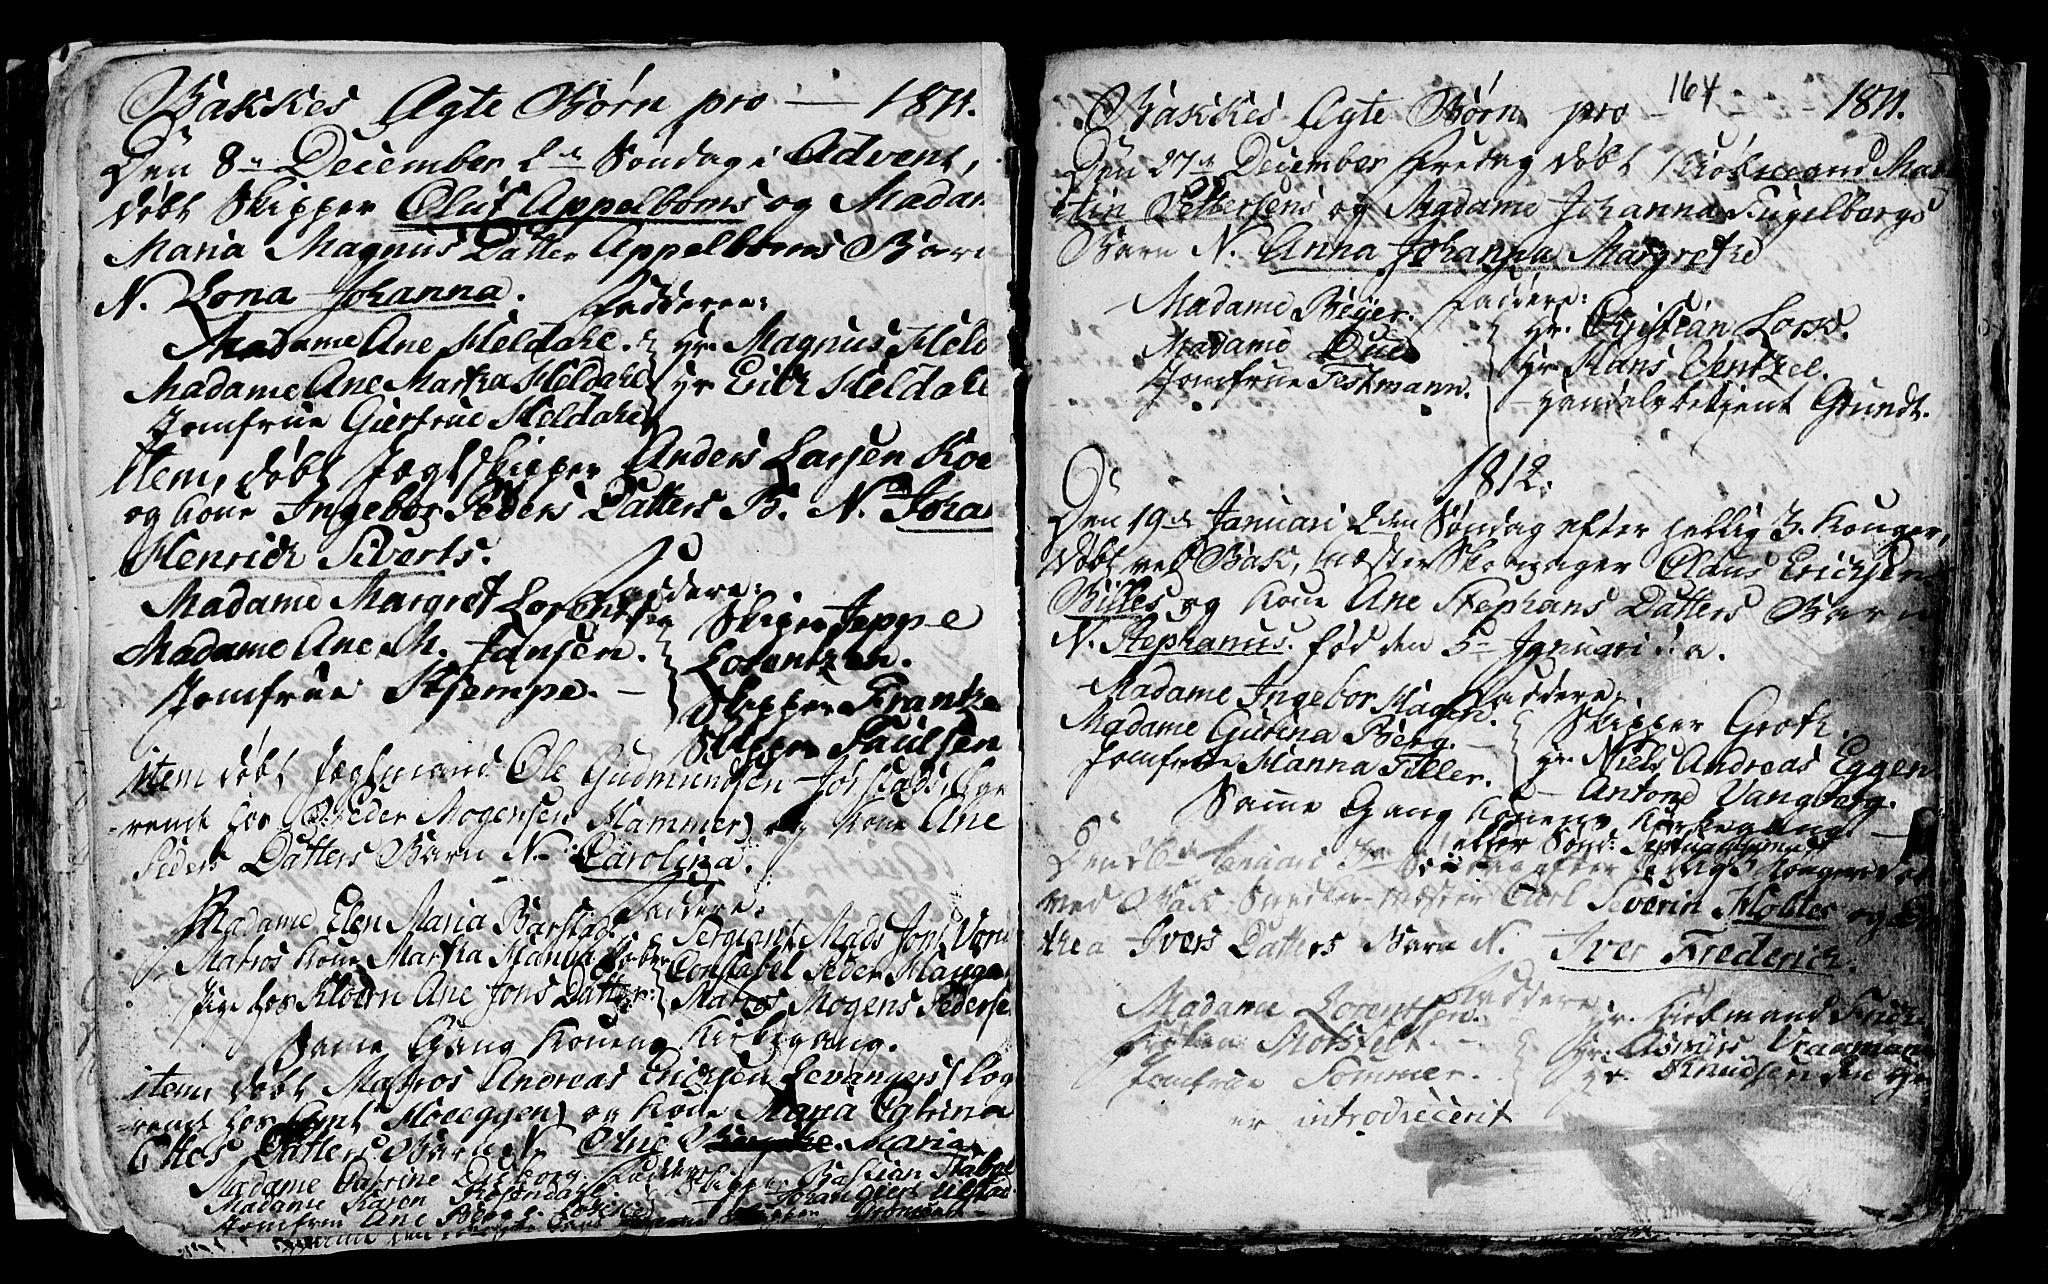 SAT, Ministerialprotokoller, klokkerbøker og fødselsregistre - Sør-Trøndelag, 604/L0218: Klokkerbok nr. 604C01, 1754-1819, s. 164